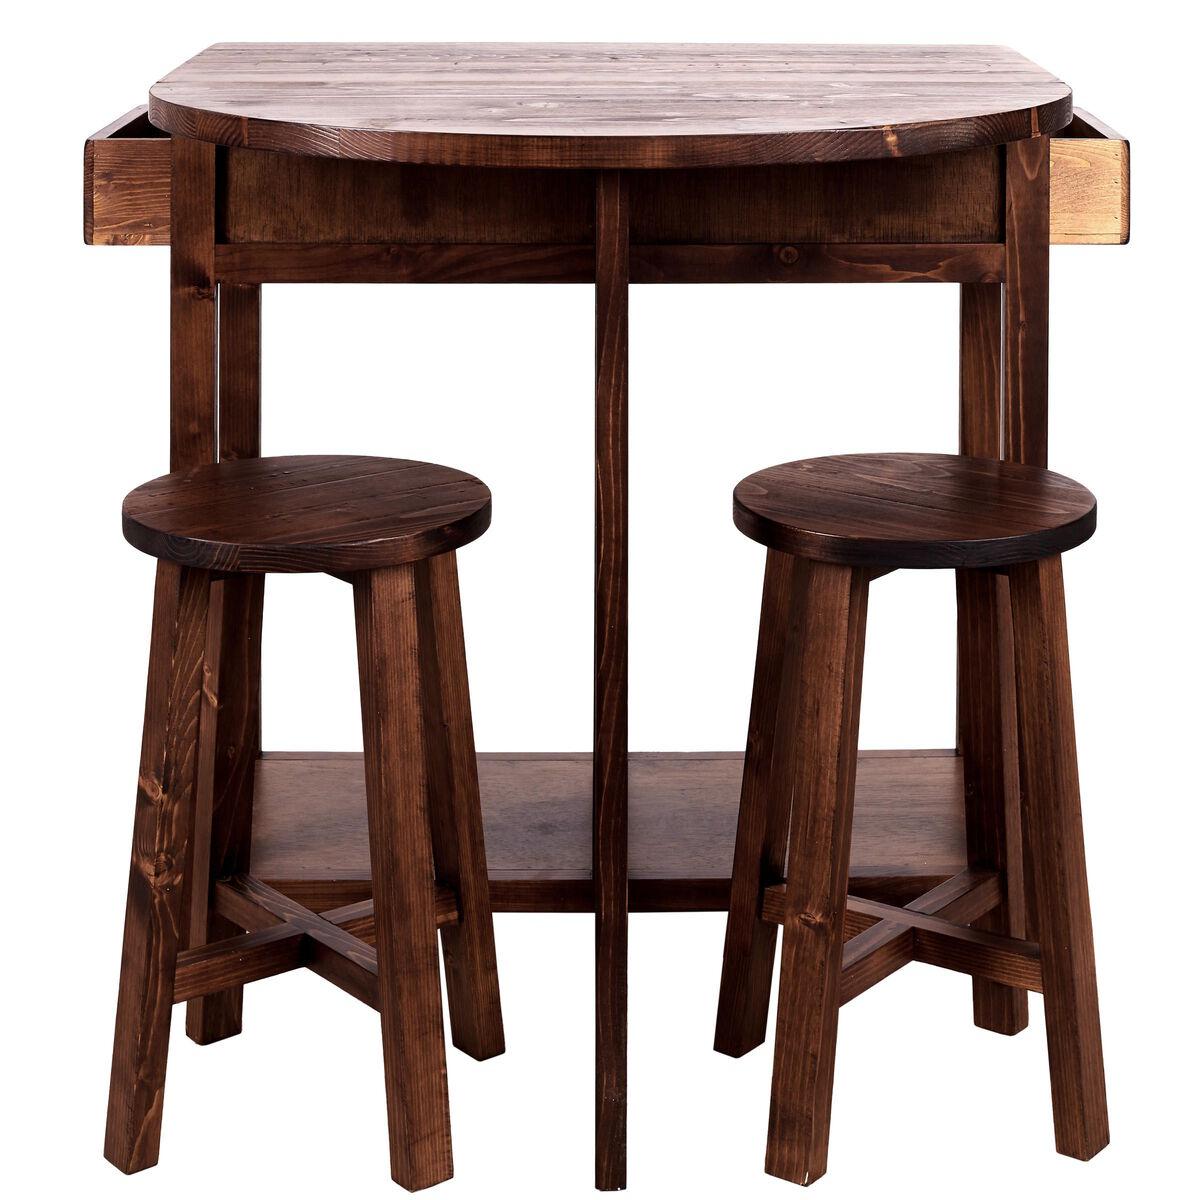 chairlock klapptisch mit 2 hockern butlers. Black Bedroom Furniture Sets. Home Design Ideas